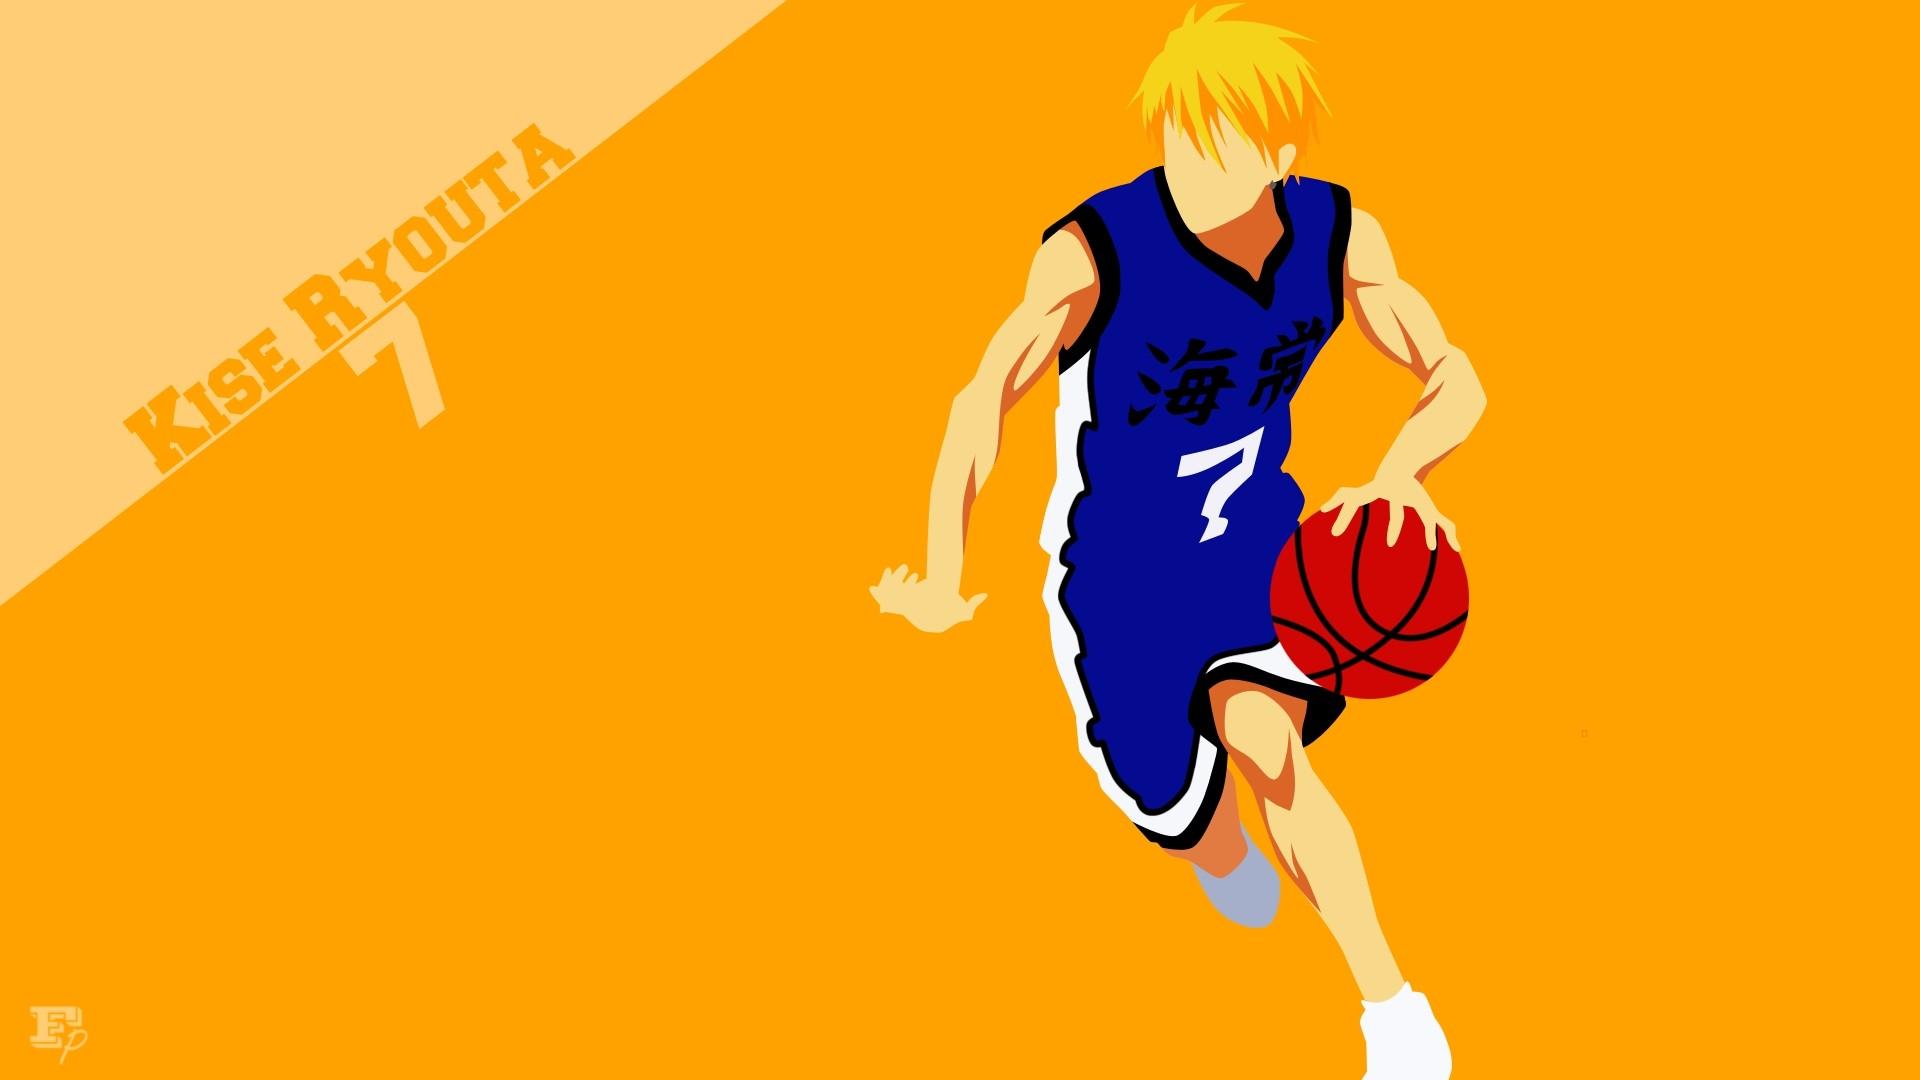 Cartoon Basketball Download Wallpaper